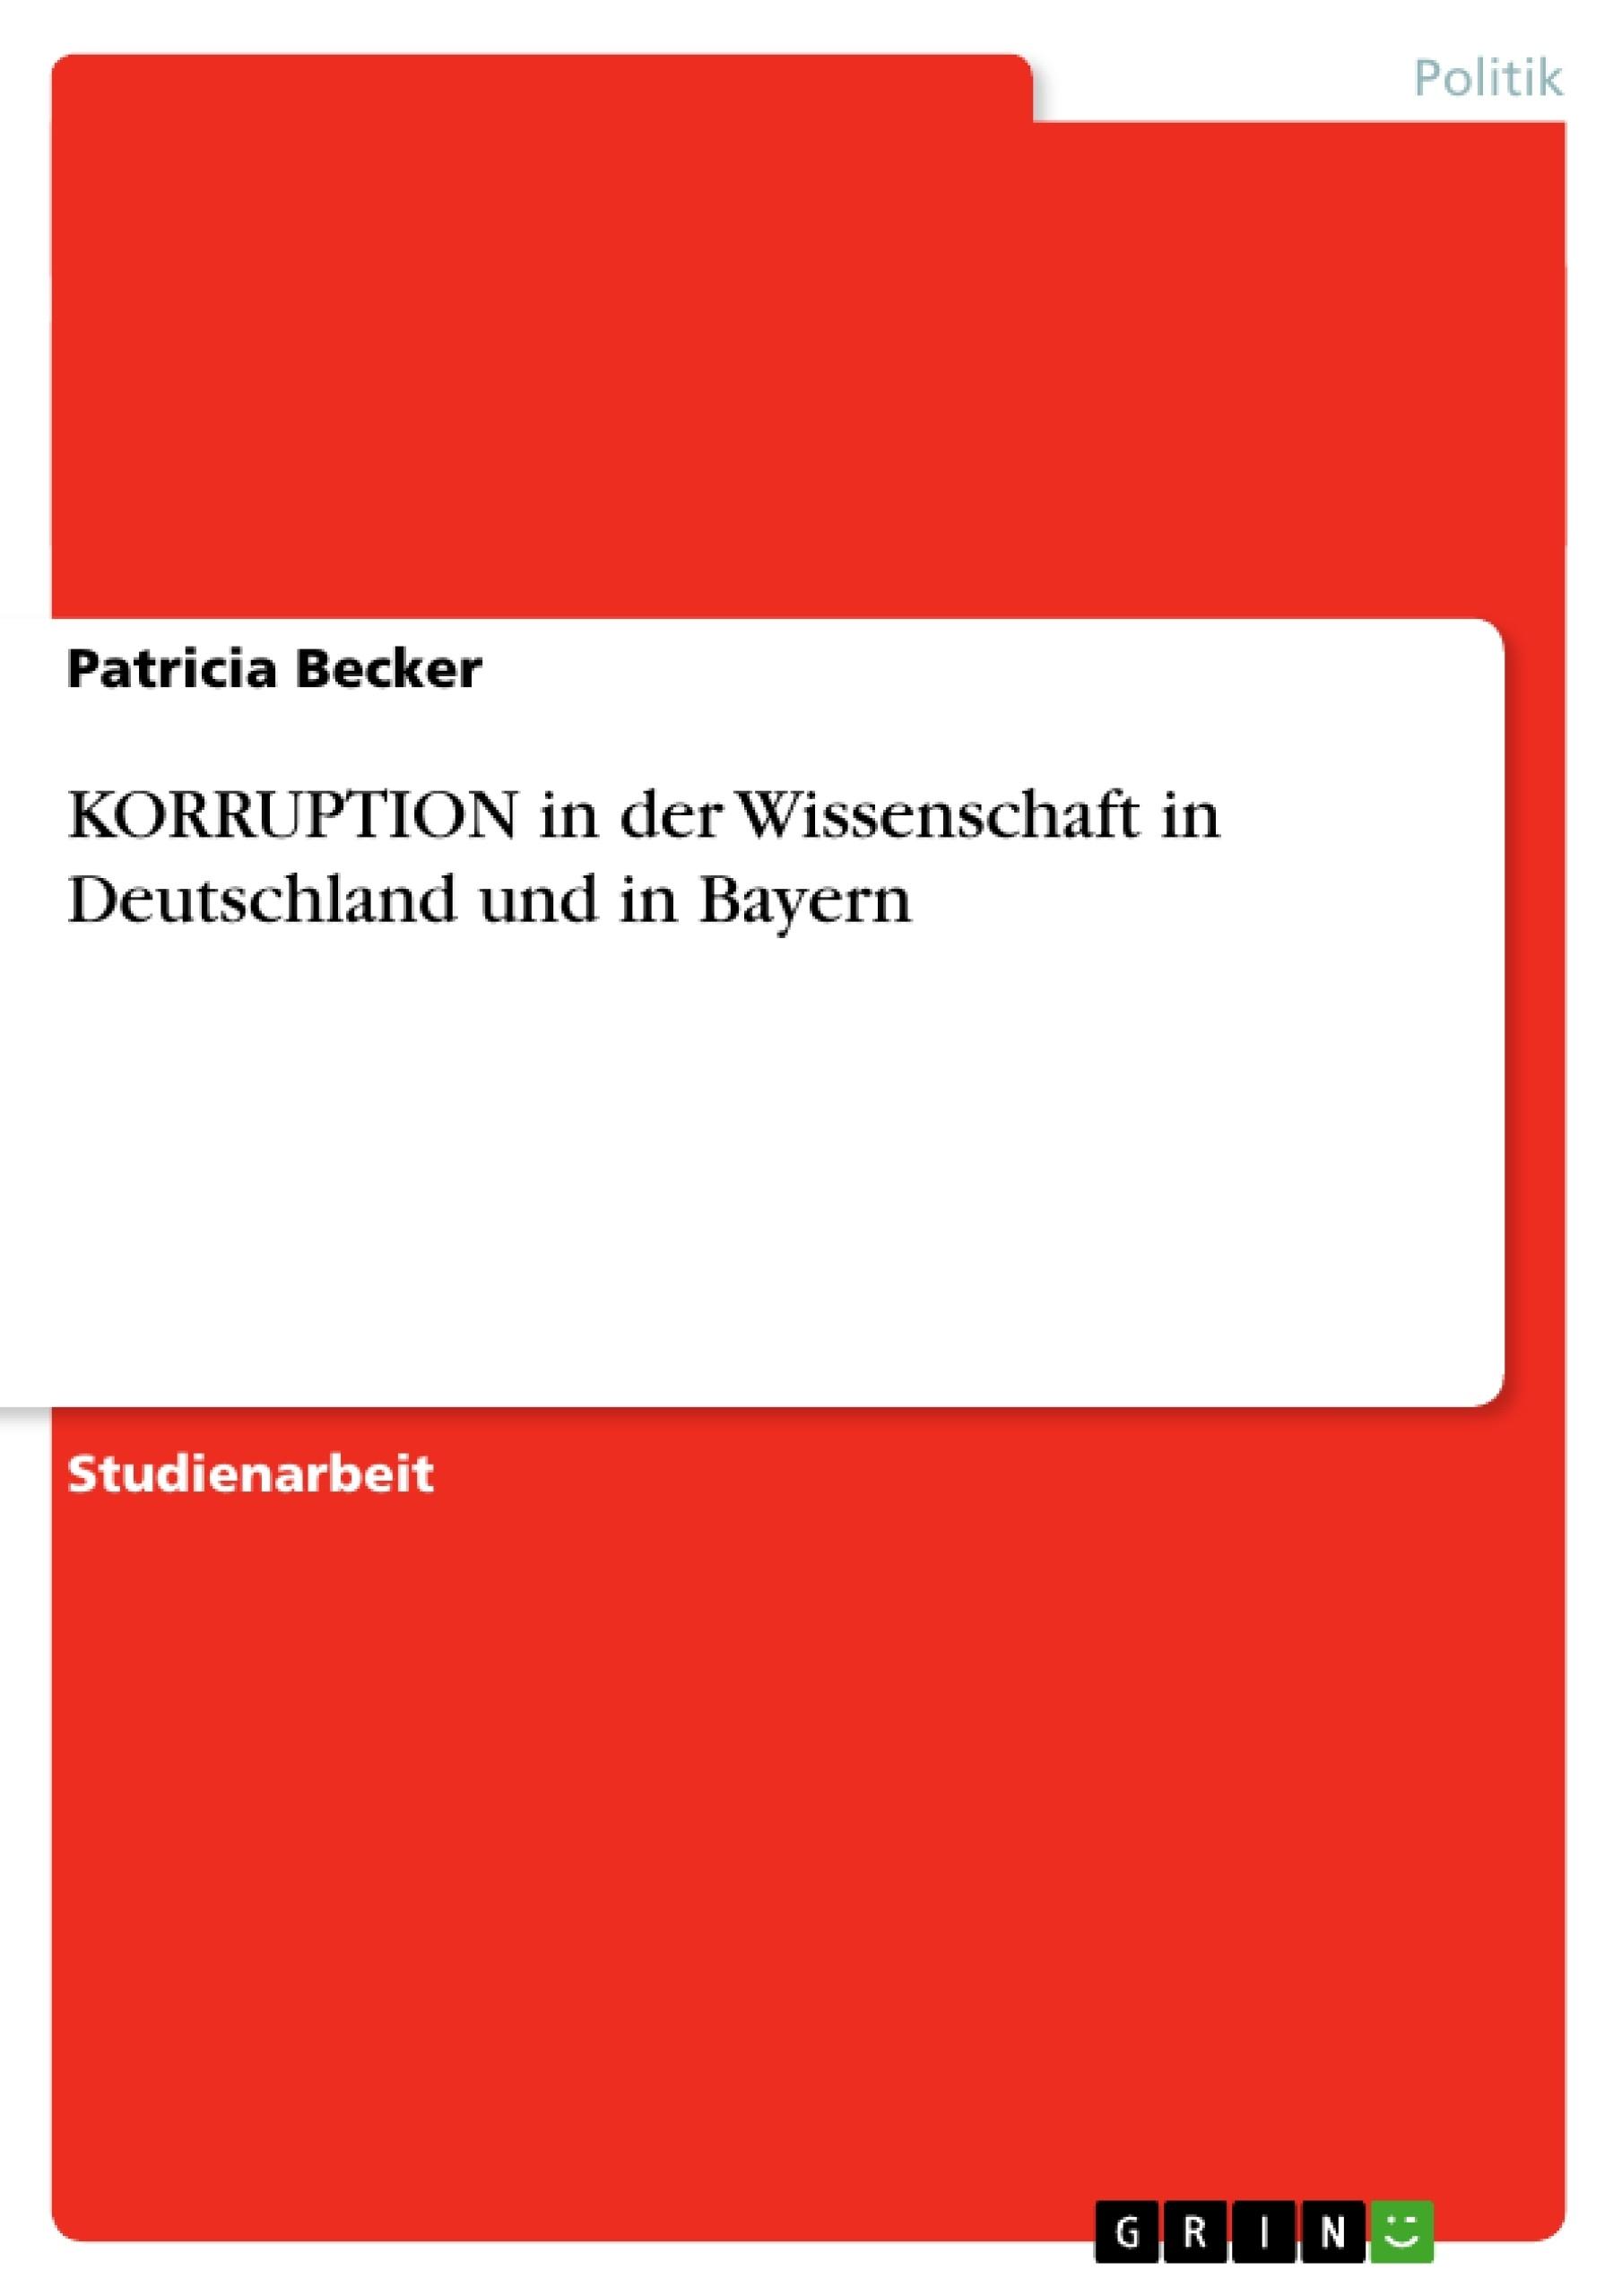 Titel: KORRUPTION in der Wissenschaft in Deutschland und in Bayern